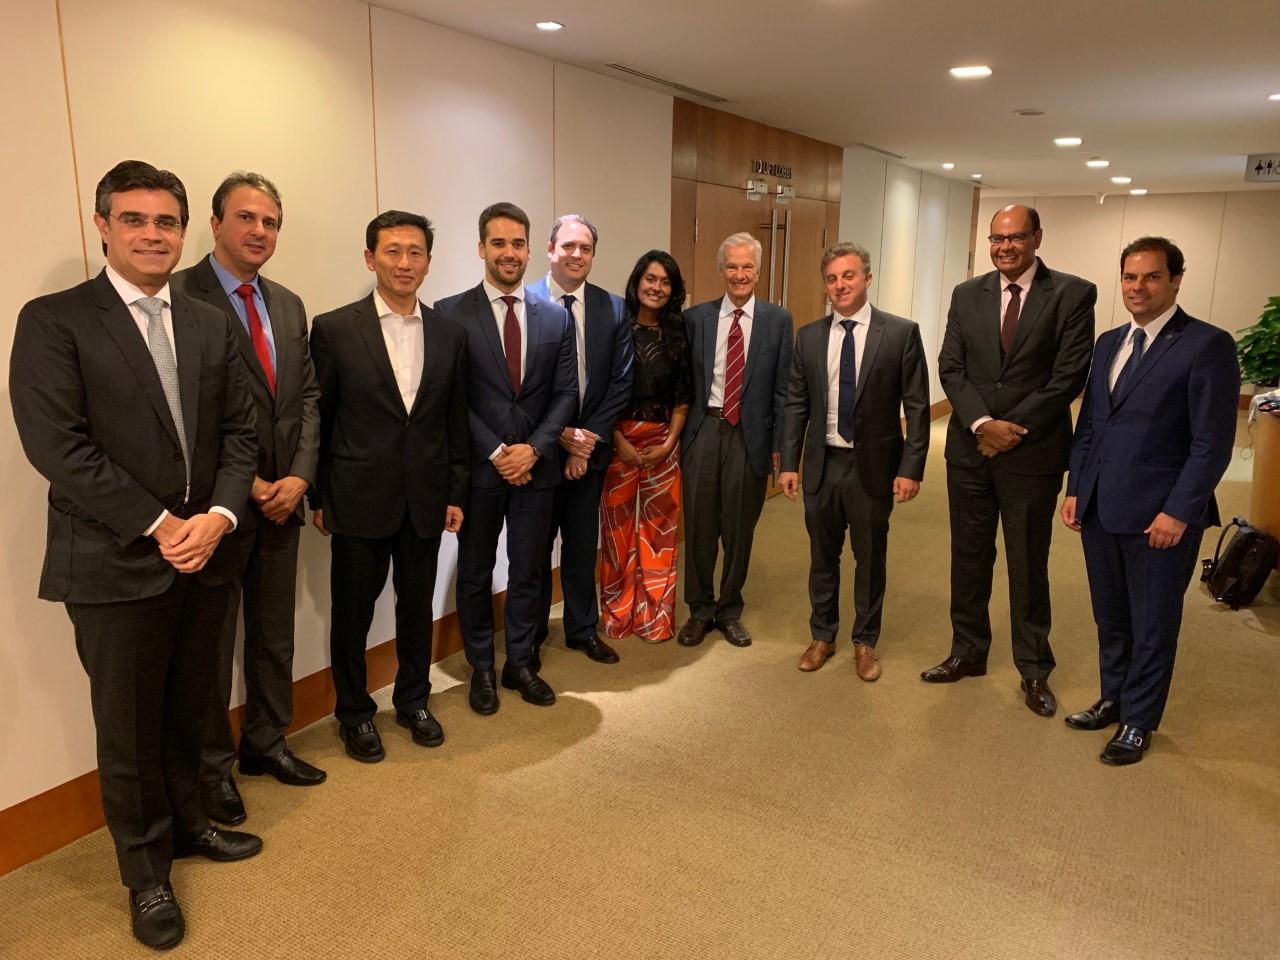 Governador discute gestão pública e educação em Singapura